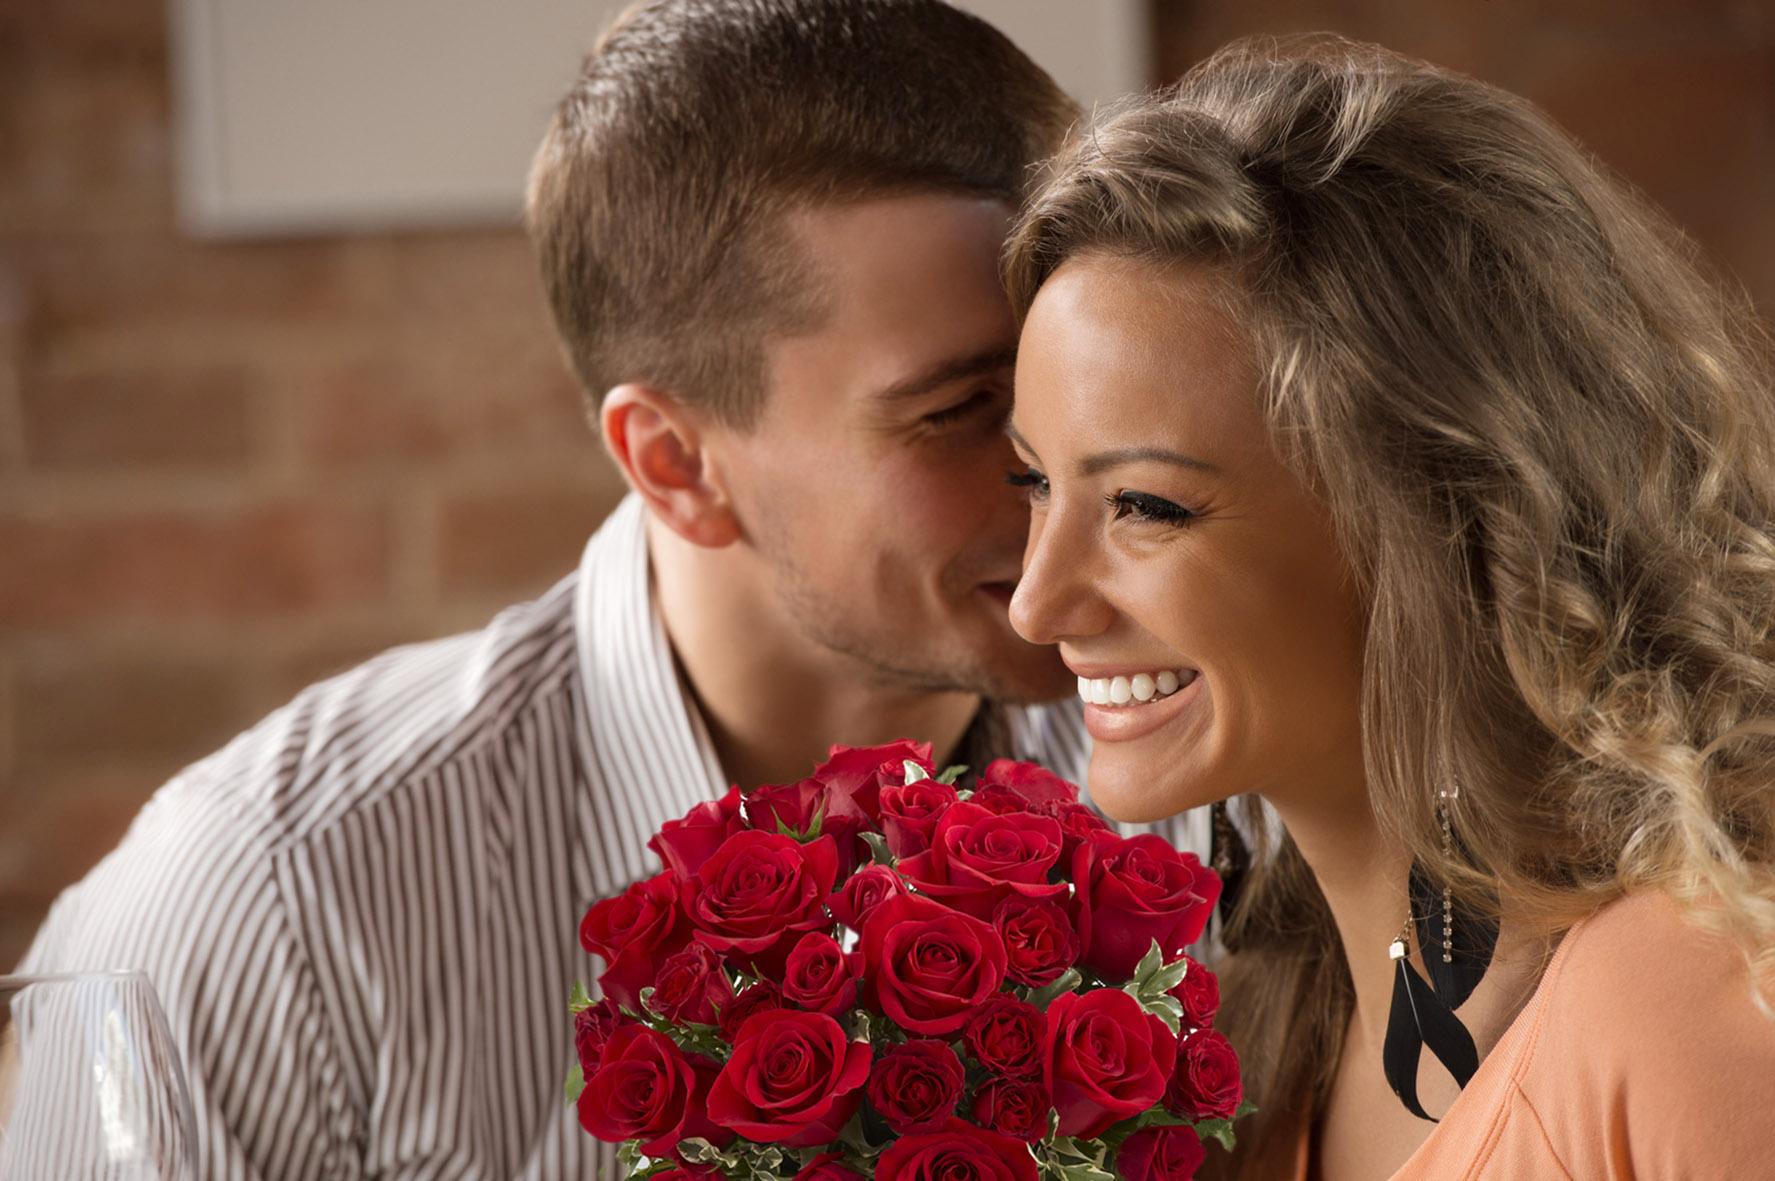 отношения романтические знакомства серьезные